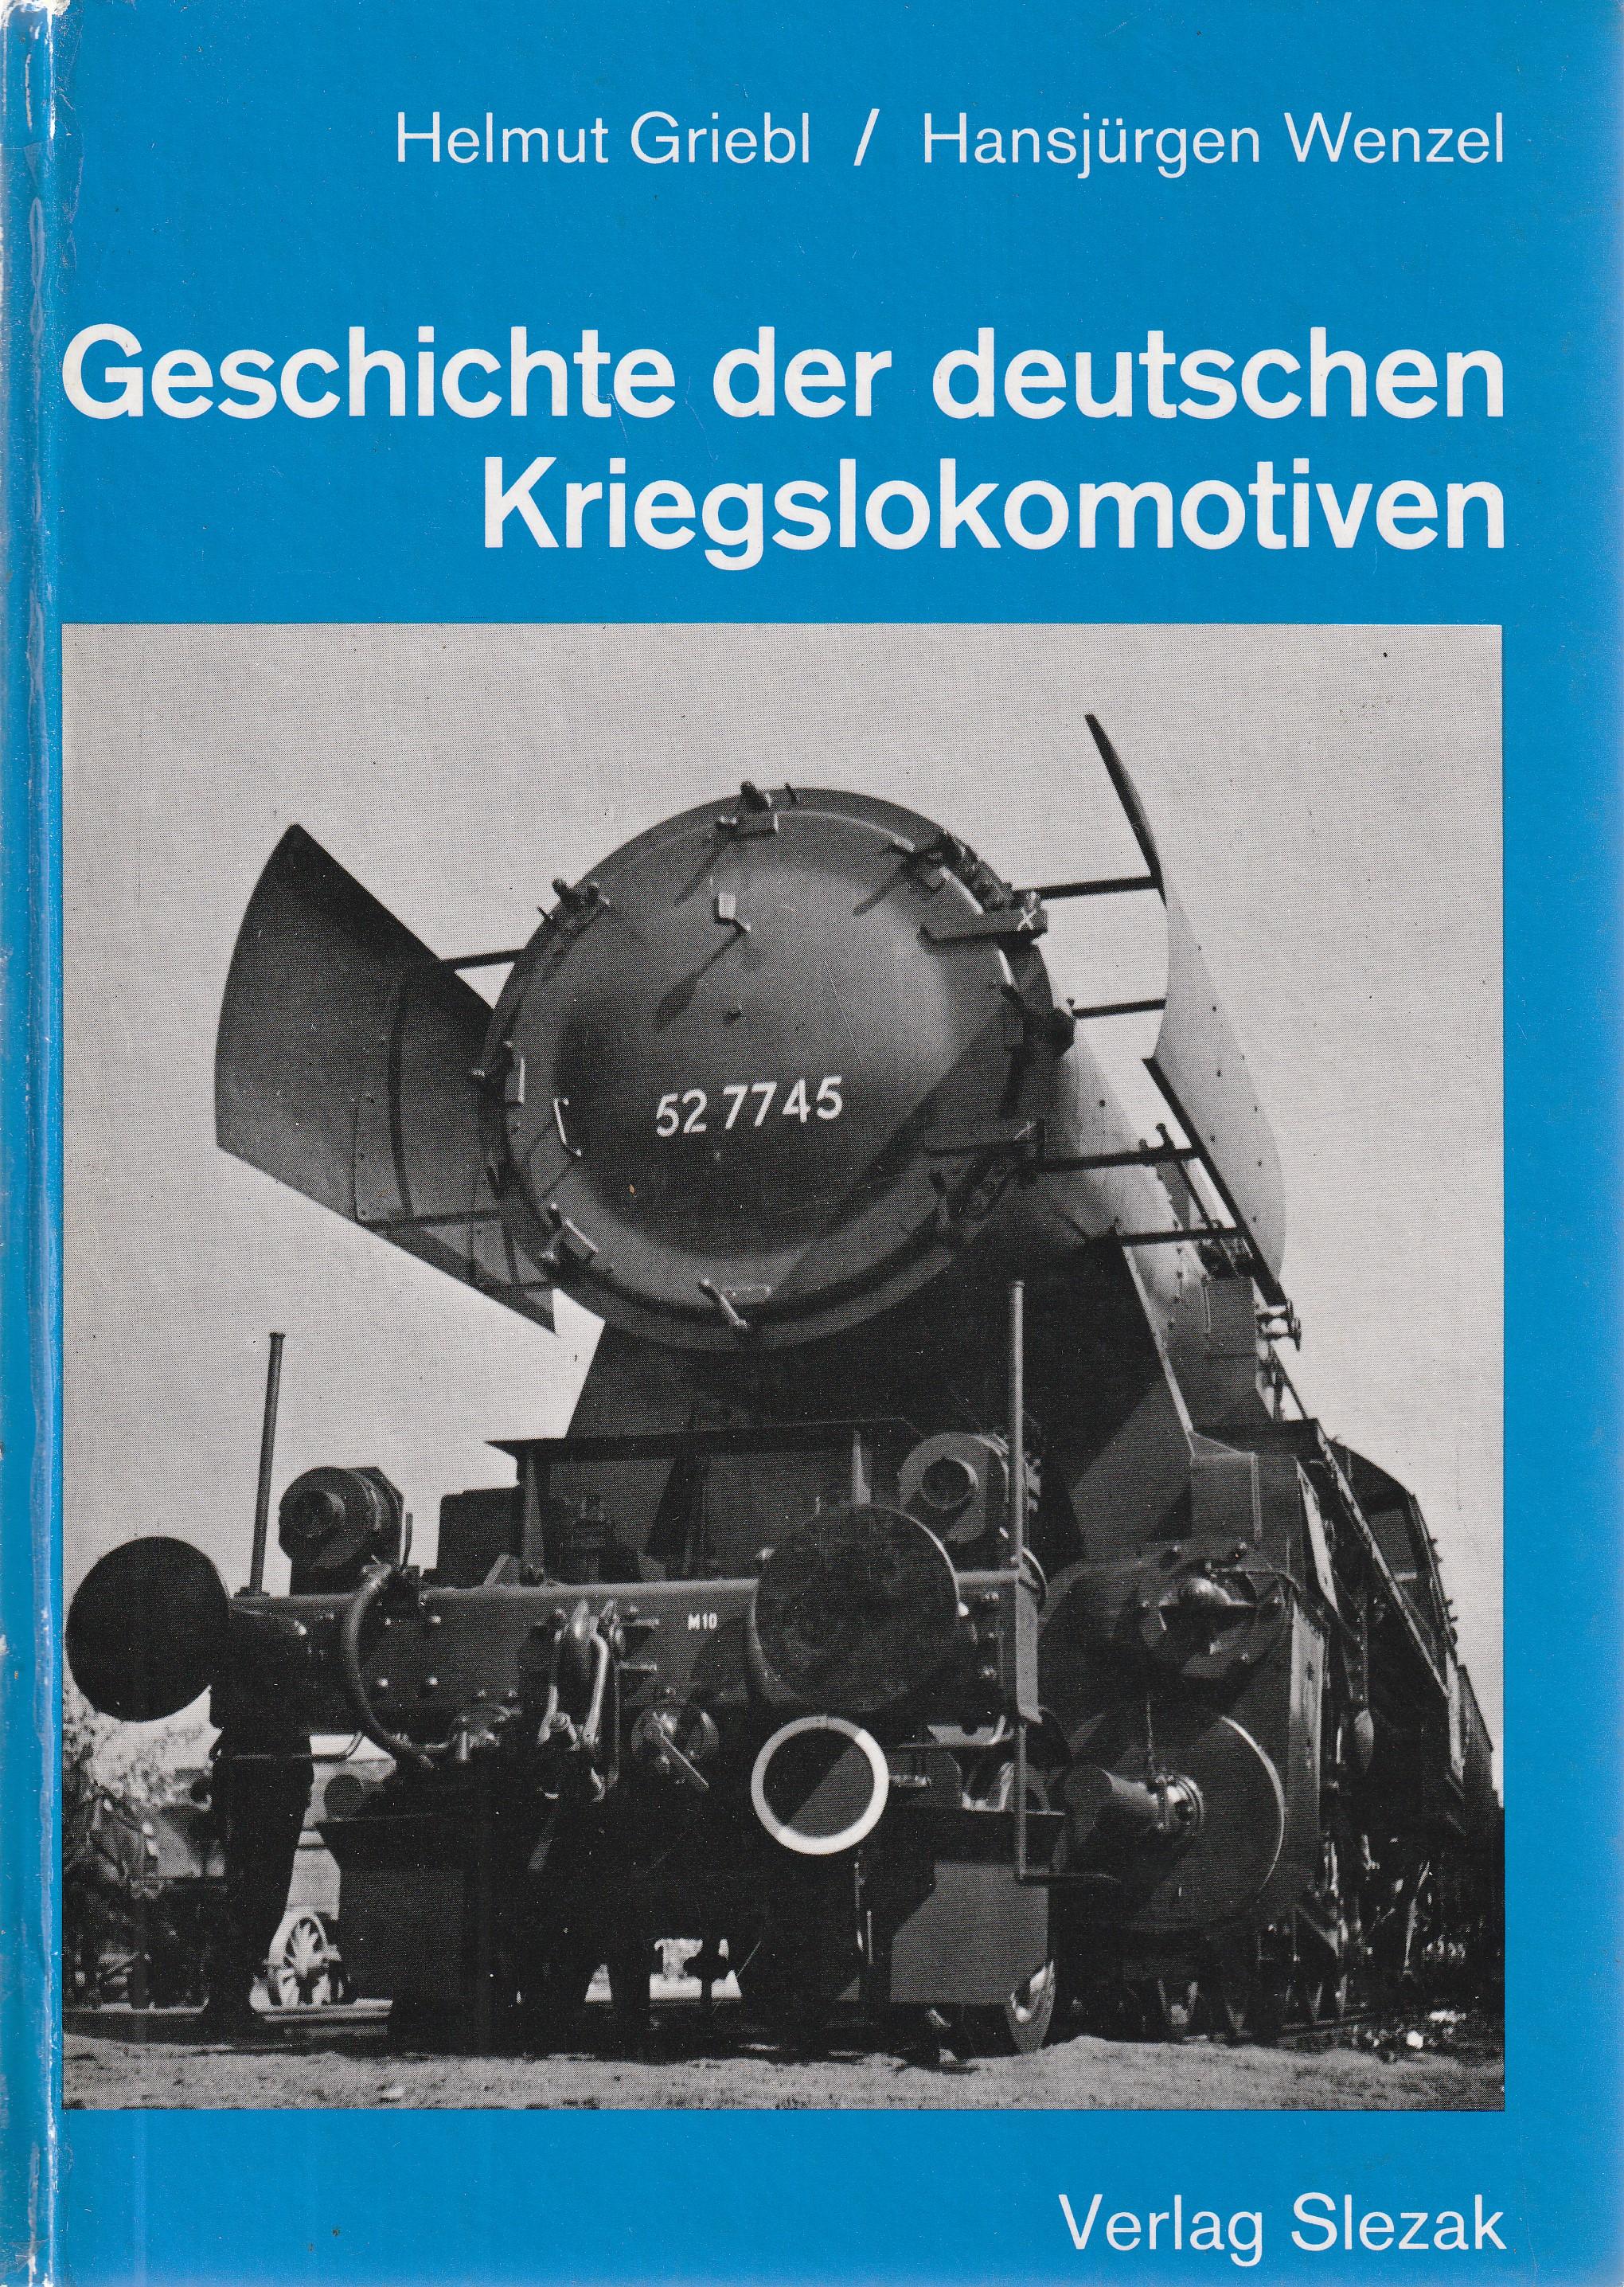 Geschichte der deutschen Kriegslokomotiven